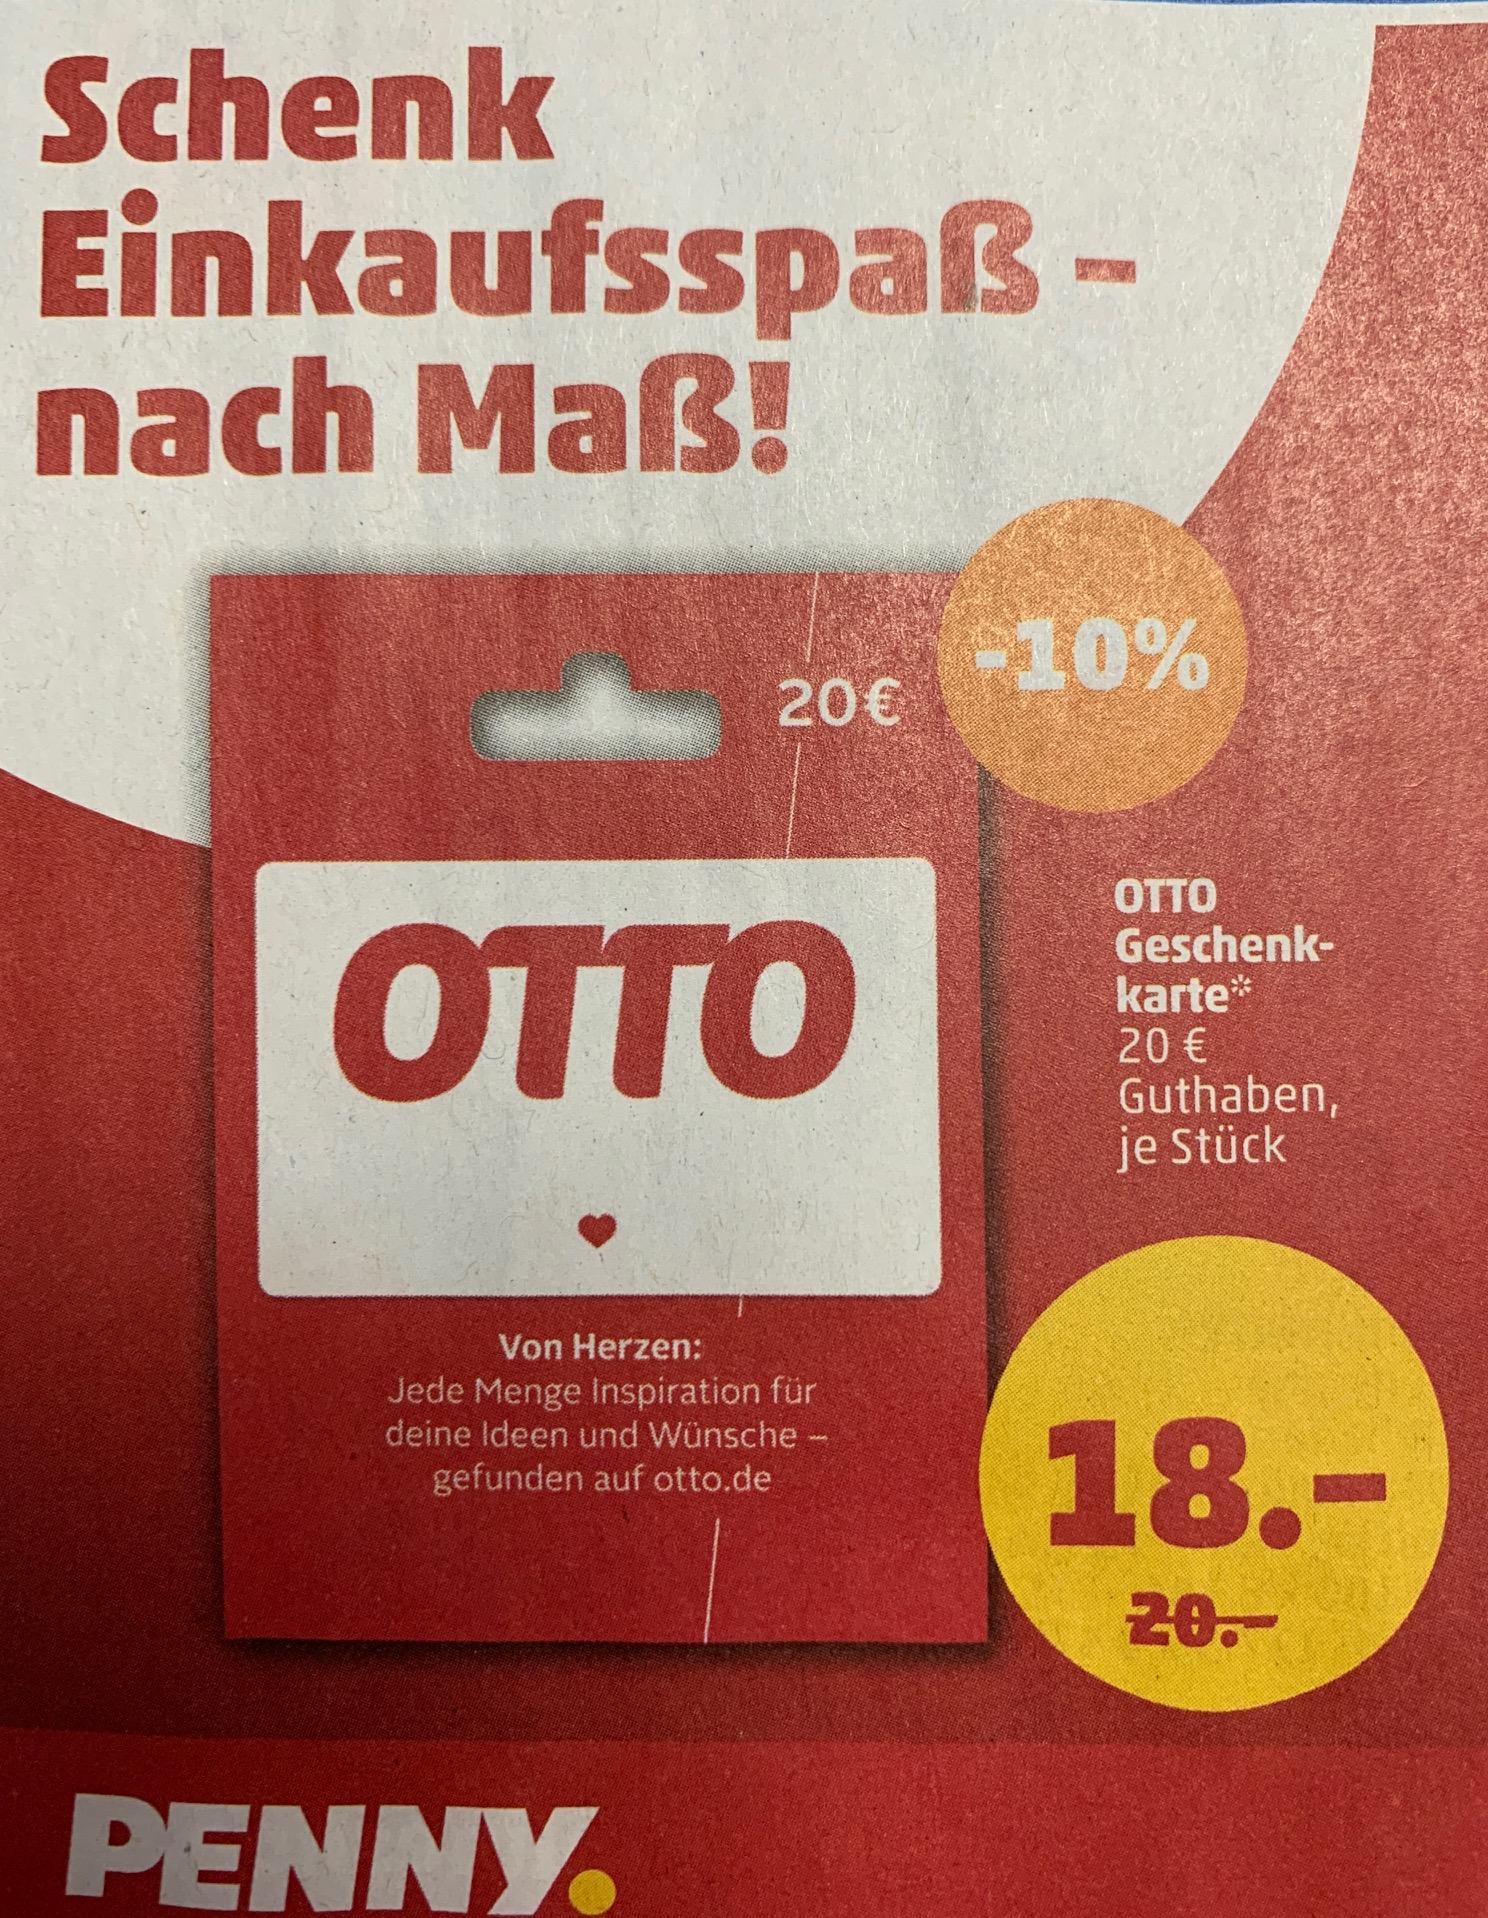 10% auf OTTO-Geschenkkarten / 20% auf Hunkemöller-Geschenkkarten [PENNY]